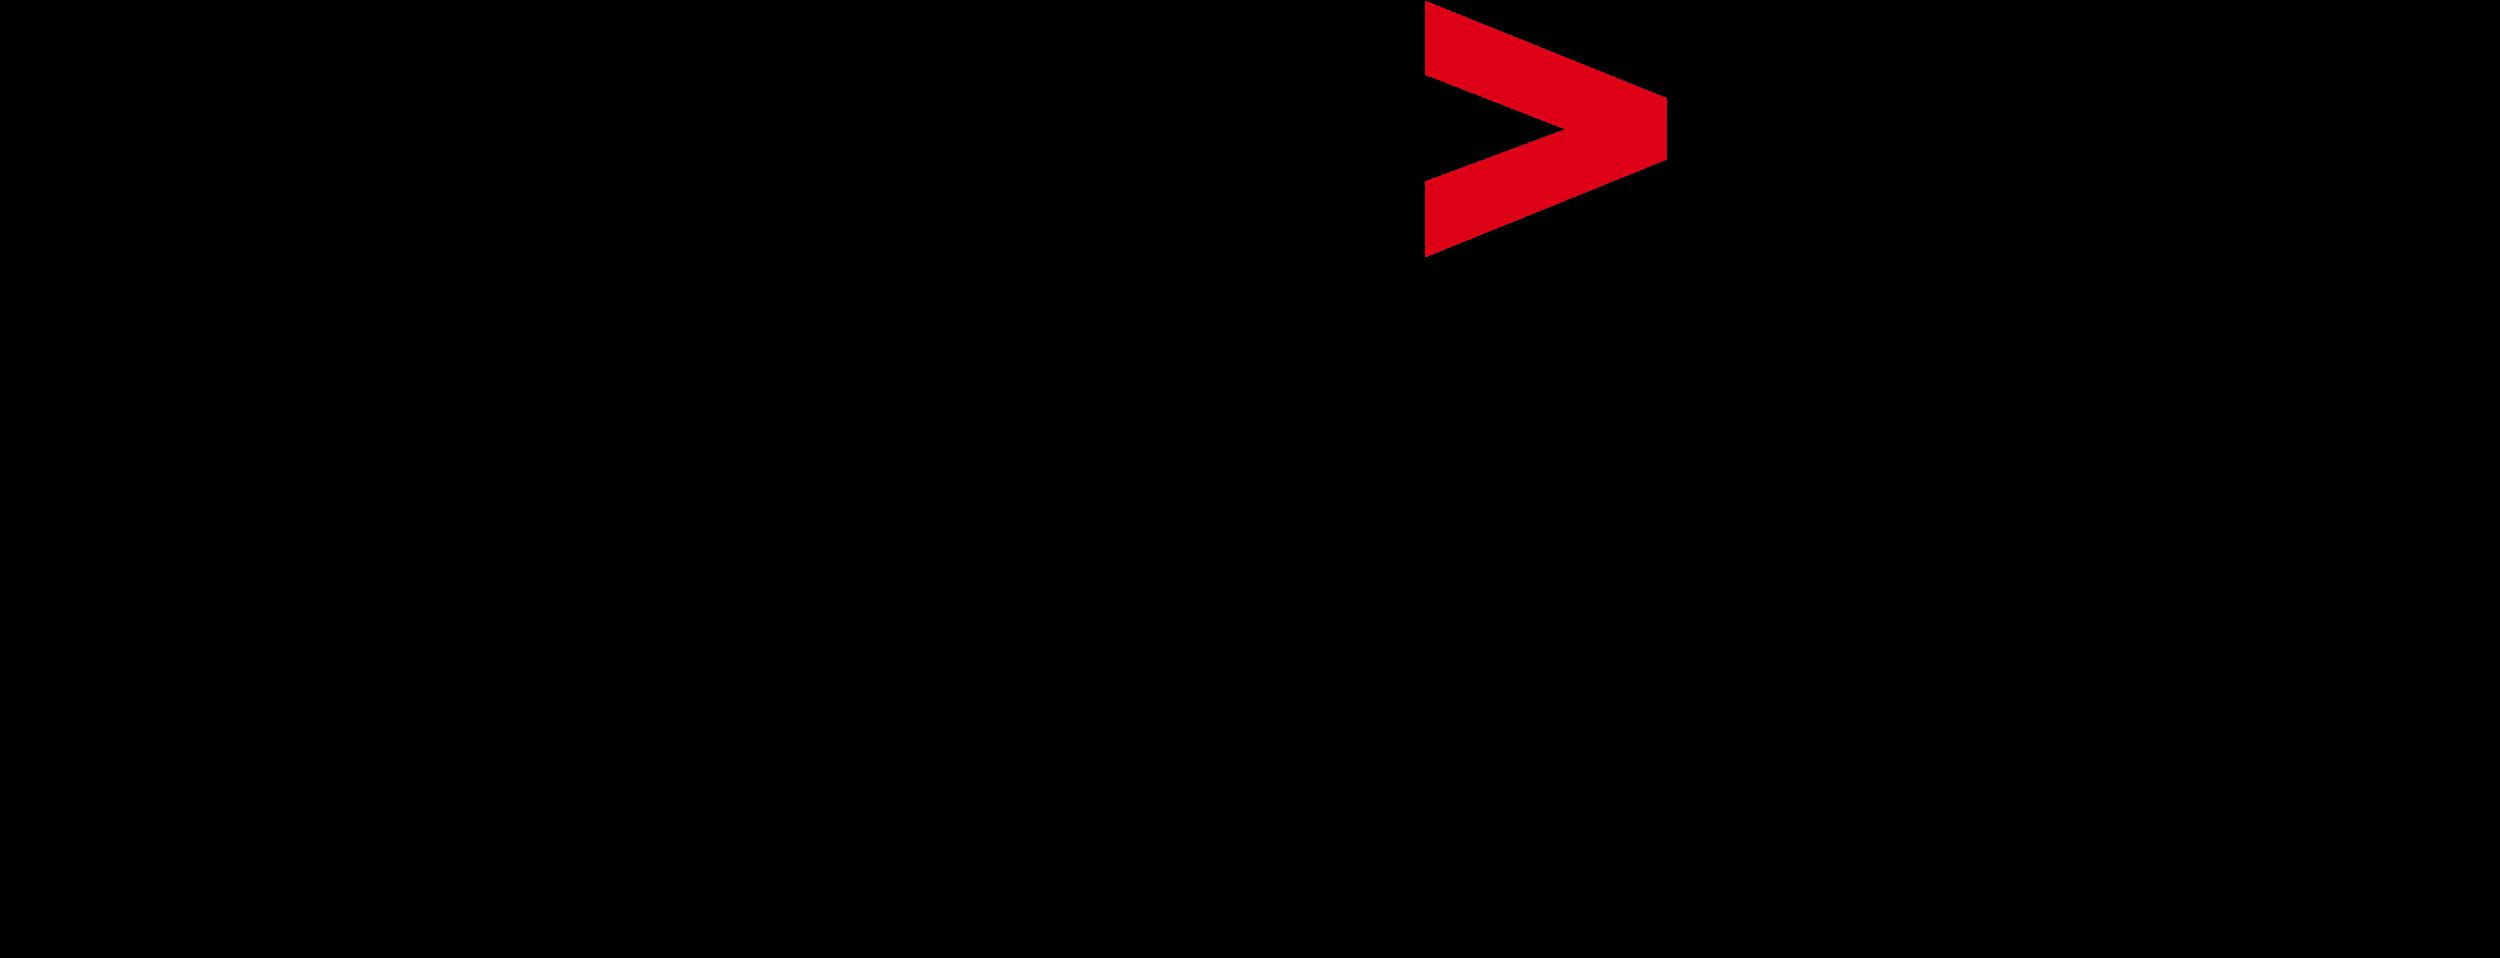 Accenture Bulgaria